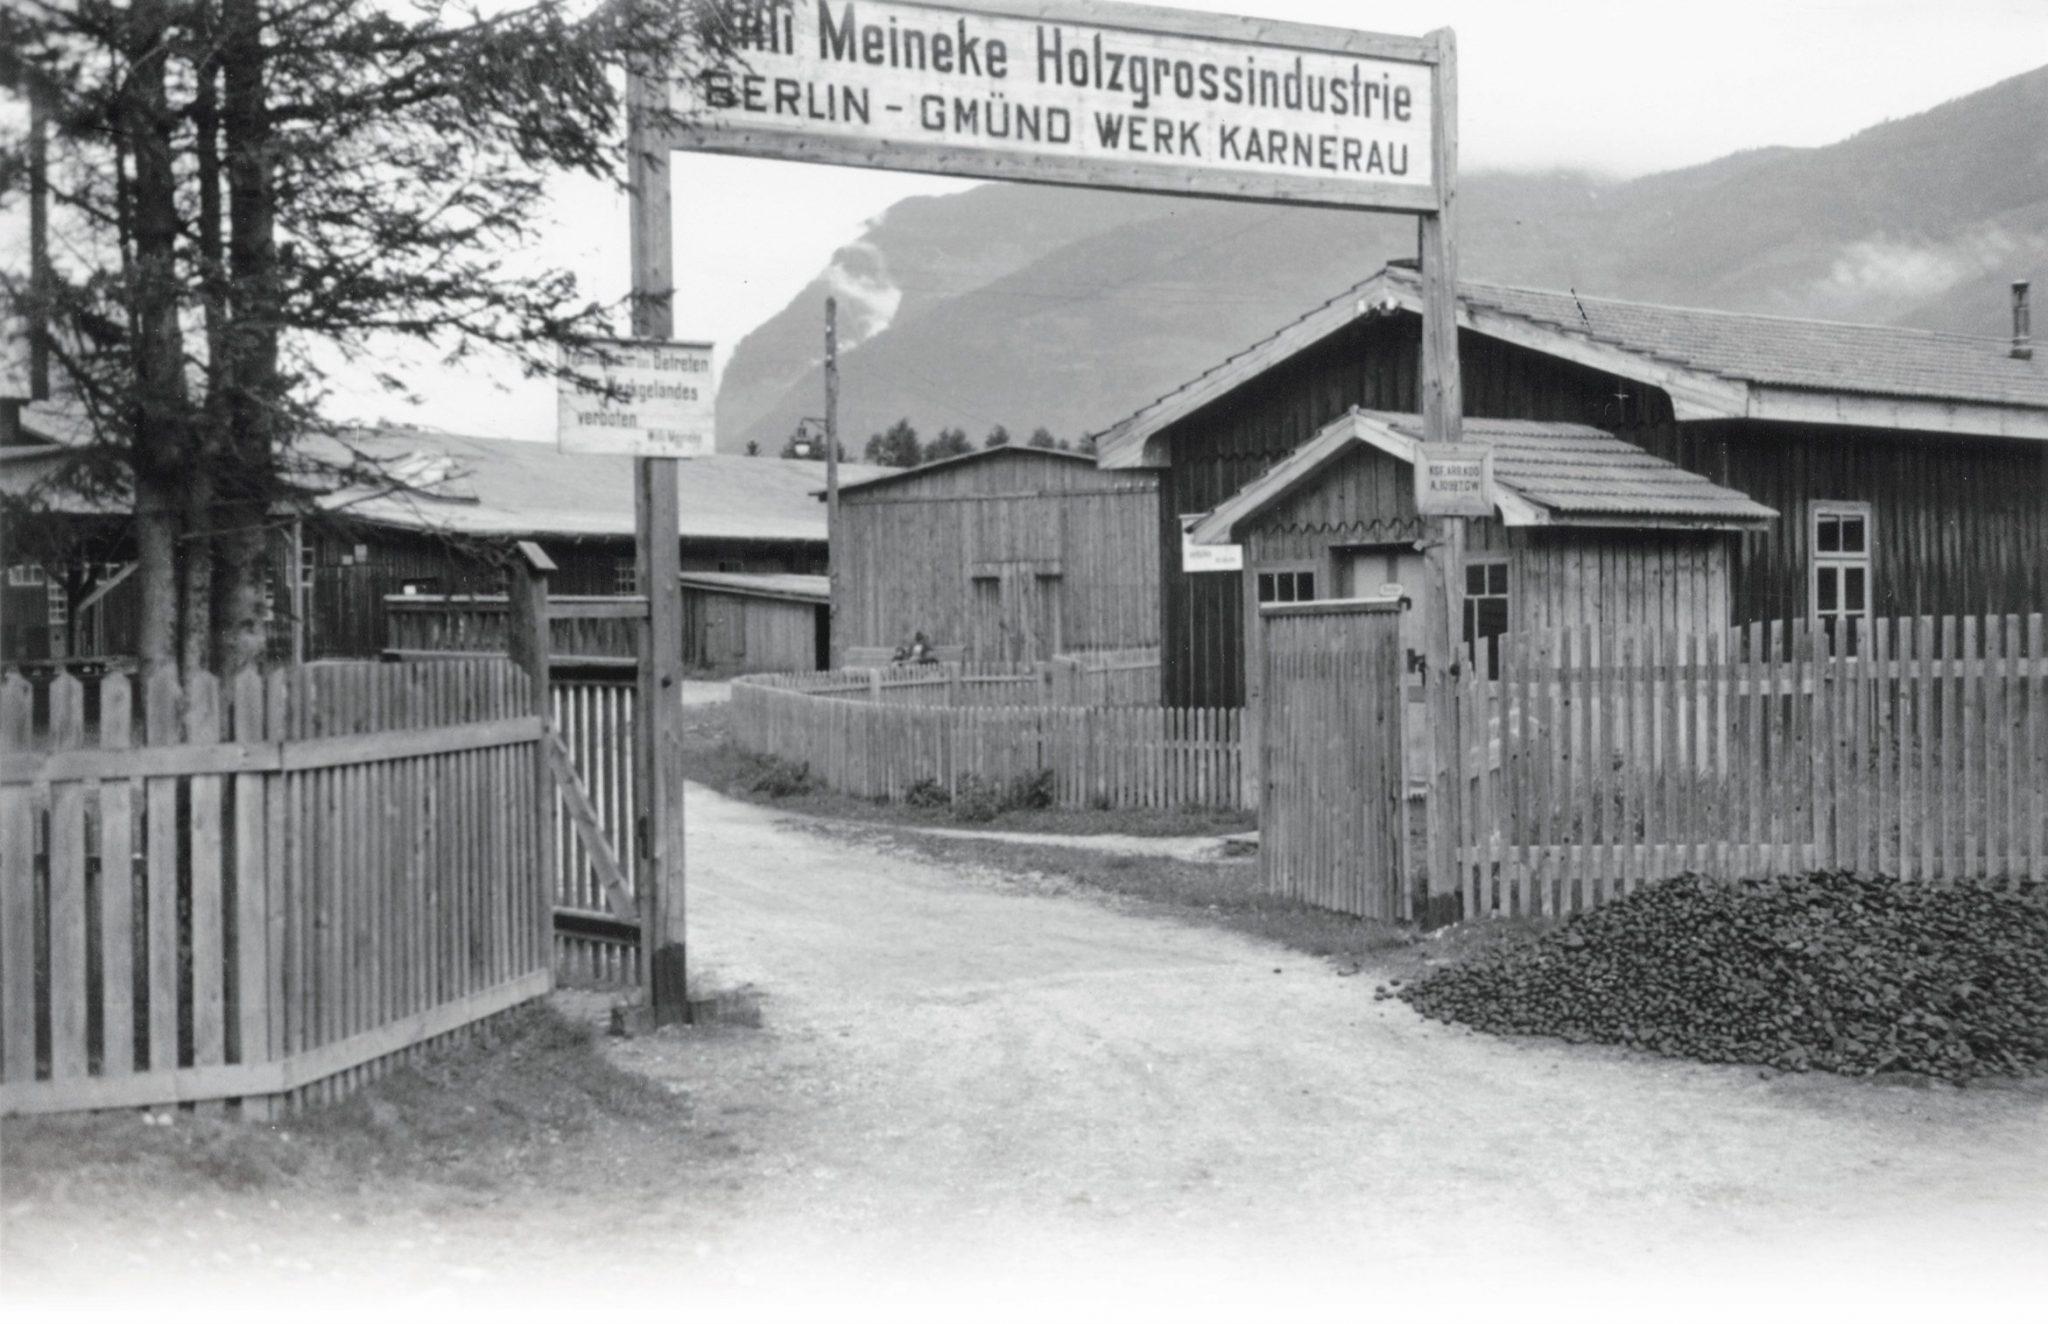 porsche-kg-converted-sawmill-in-Gmu%CC%88nd-Austria